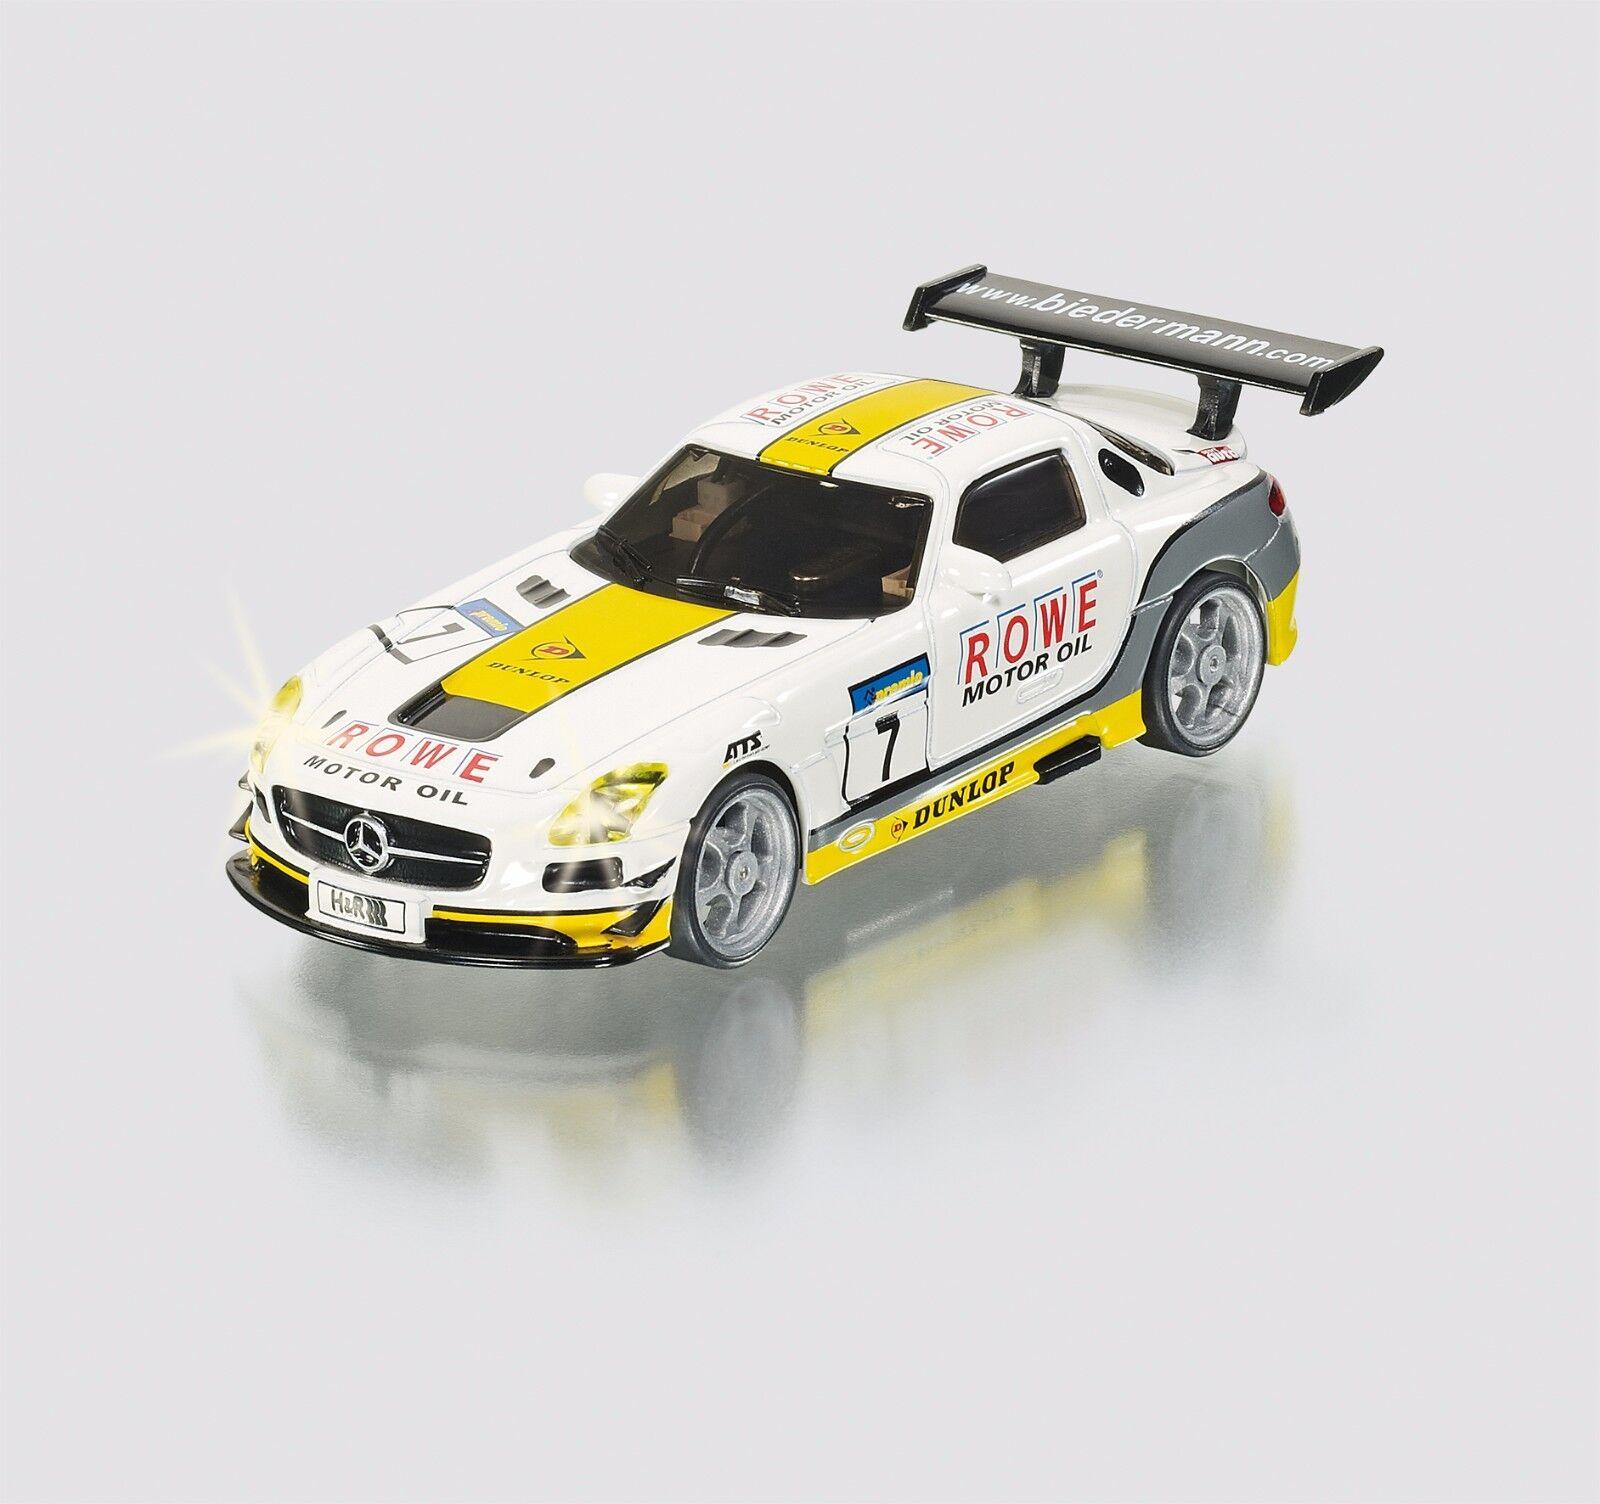 SIKU Rc Racing 6821 Mercedes Sls Amg Gt3 1:43 RADIOCOMANDATO AUTO Corsa Carrera